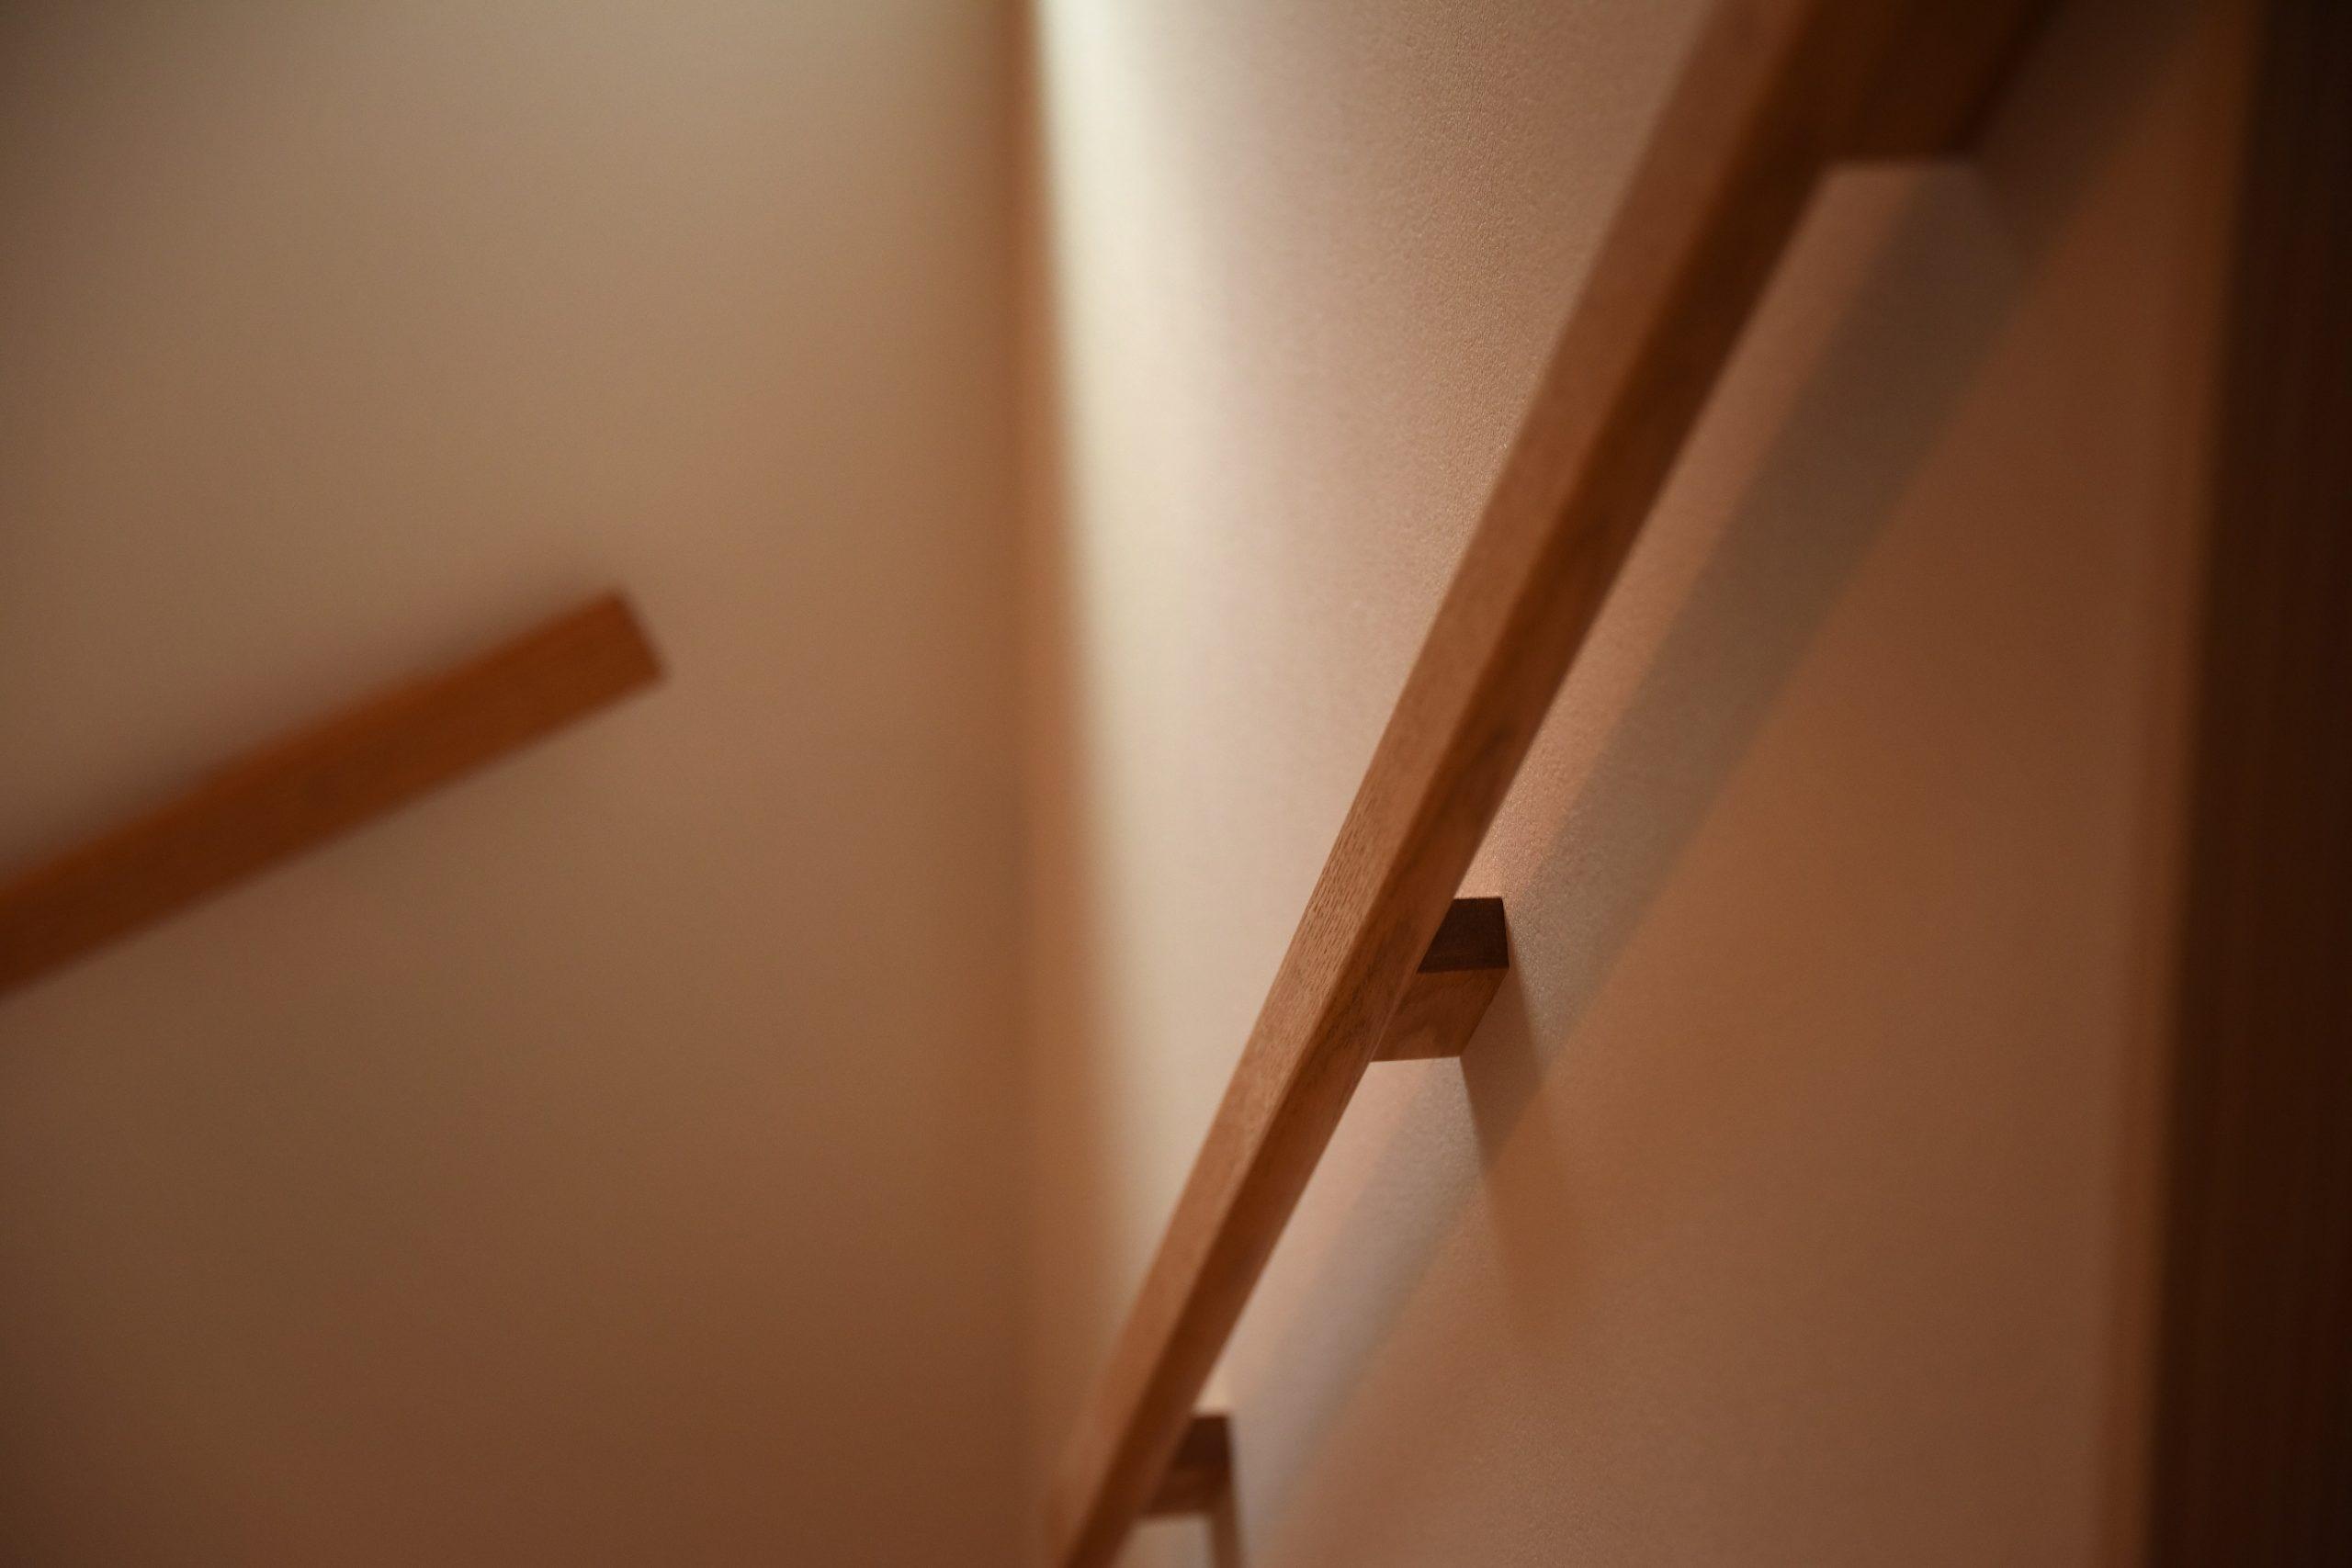 滴水(たるみず)の住宅:階段の手すりです。手を抜かず、ひとつひとつデザインを考え作るのがシーズグロースアーキテクトの流儀です。